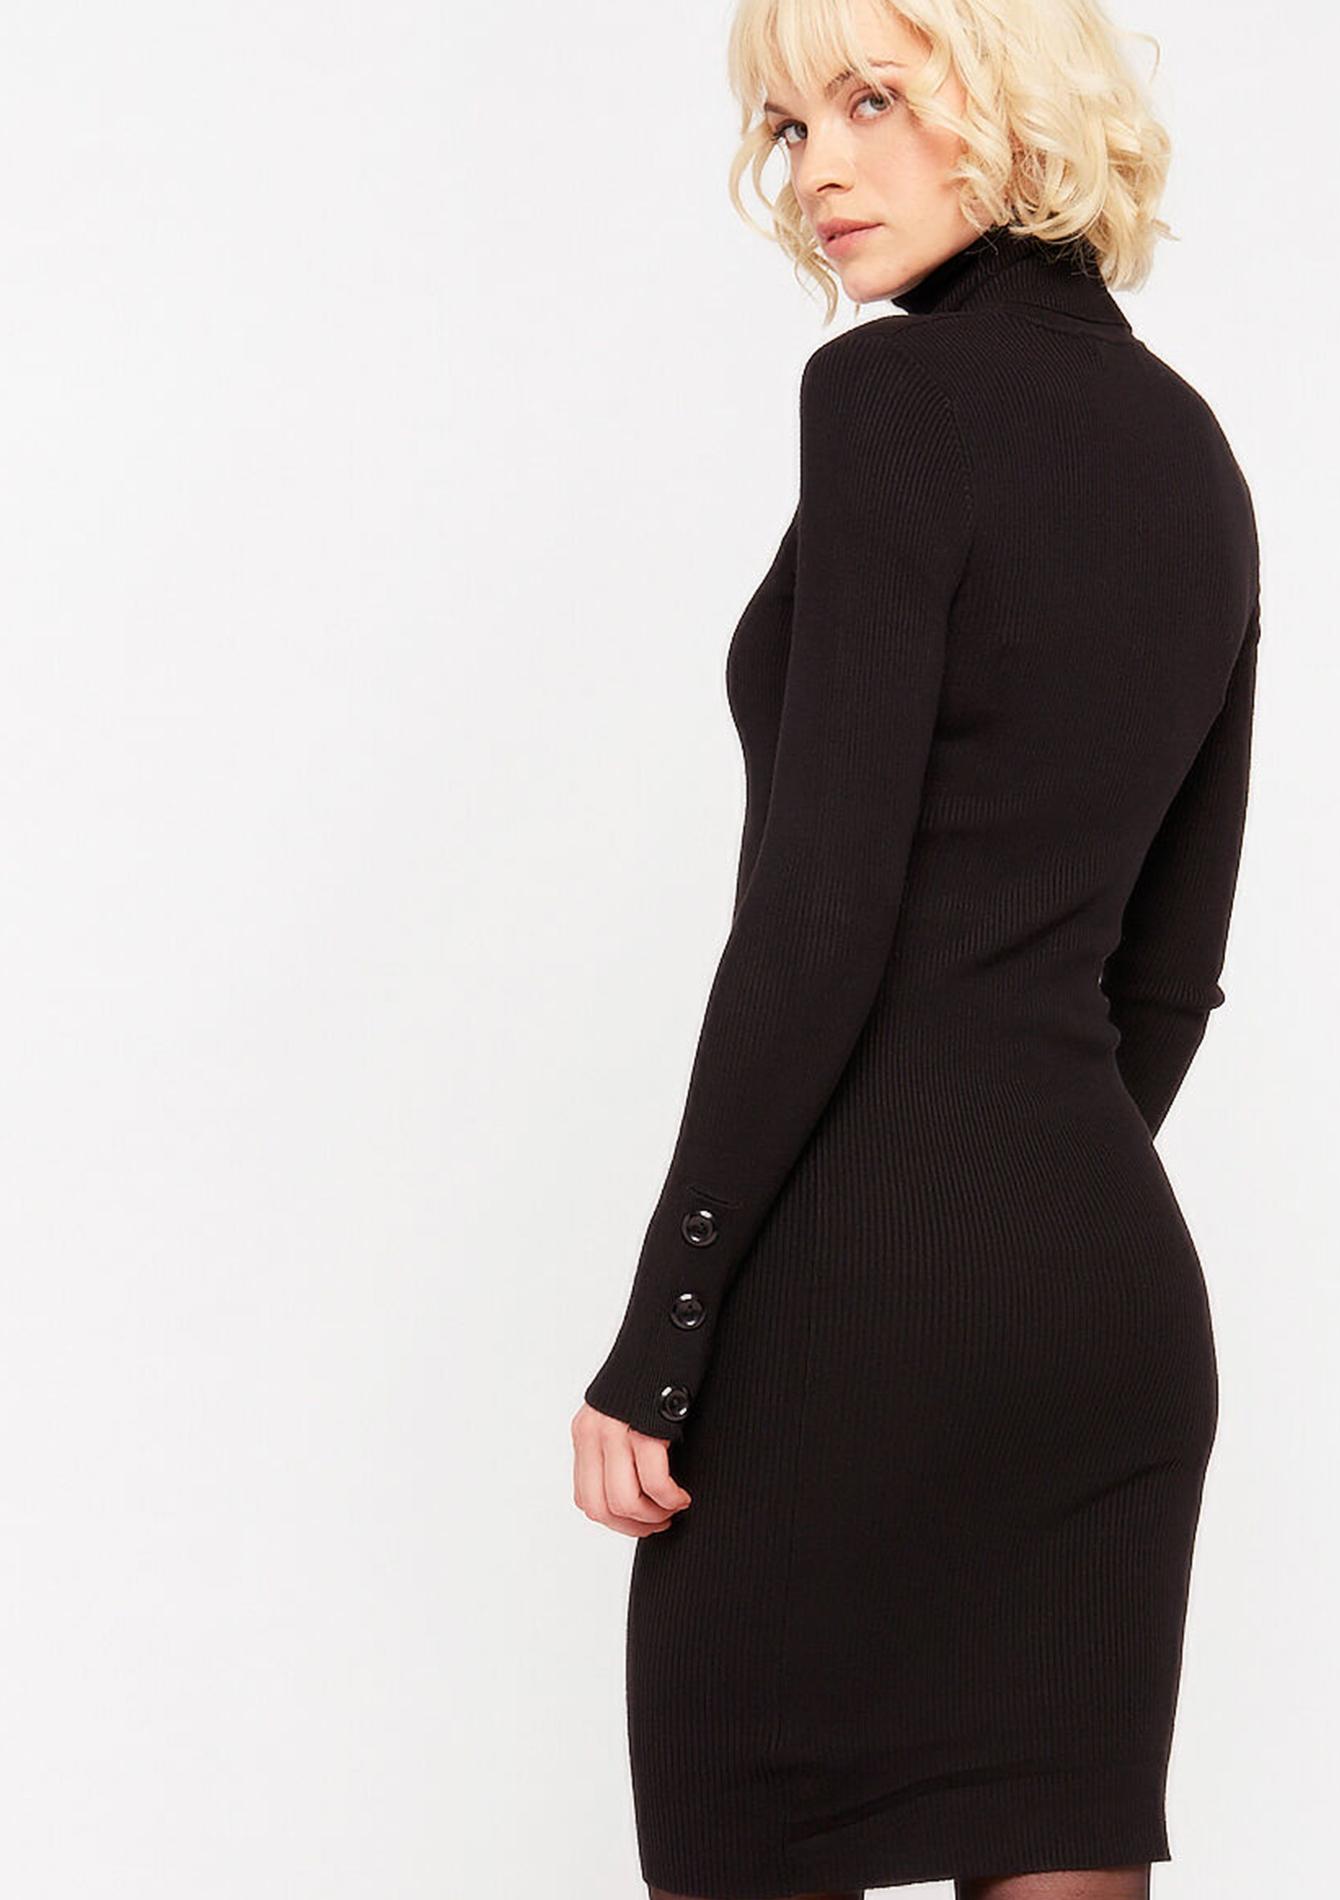 Truie-jurken